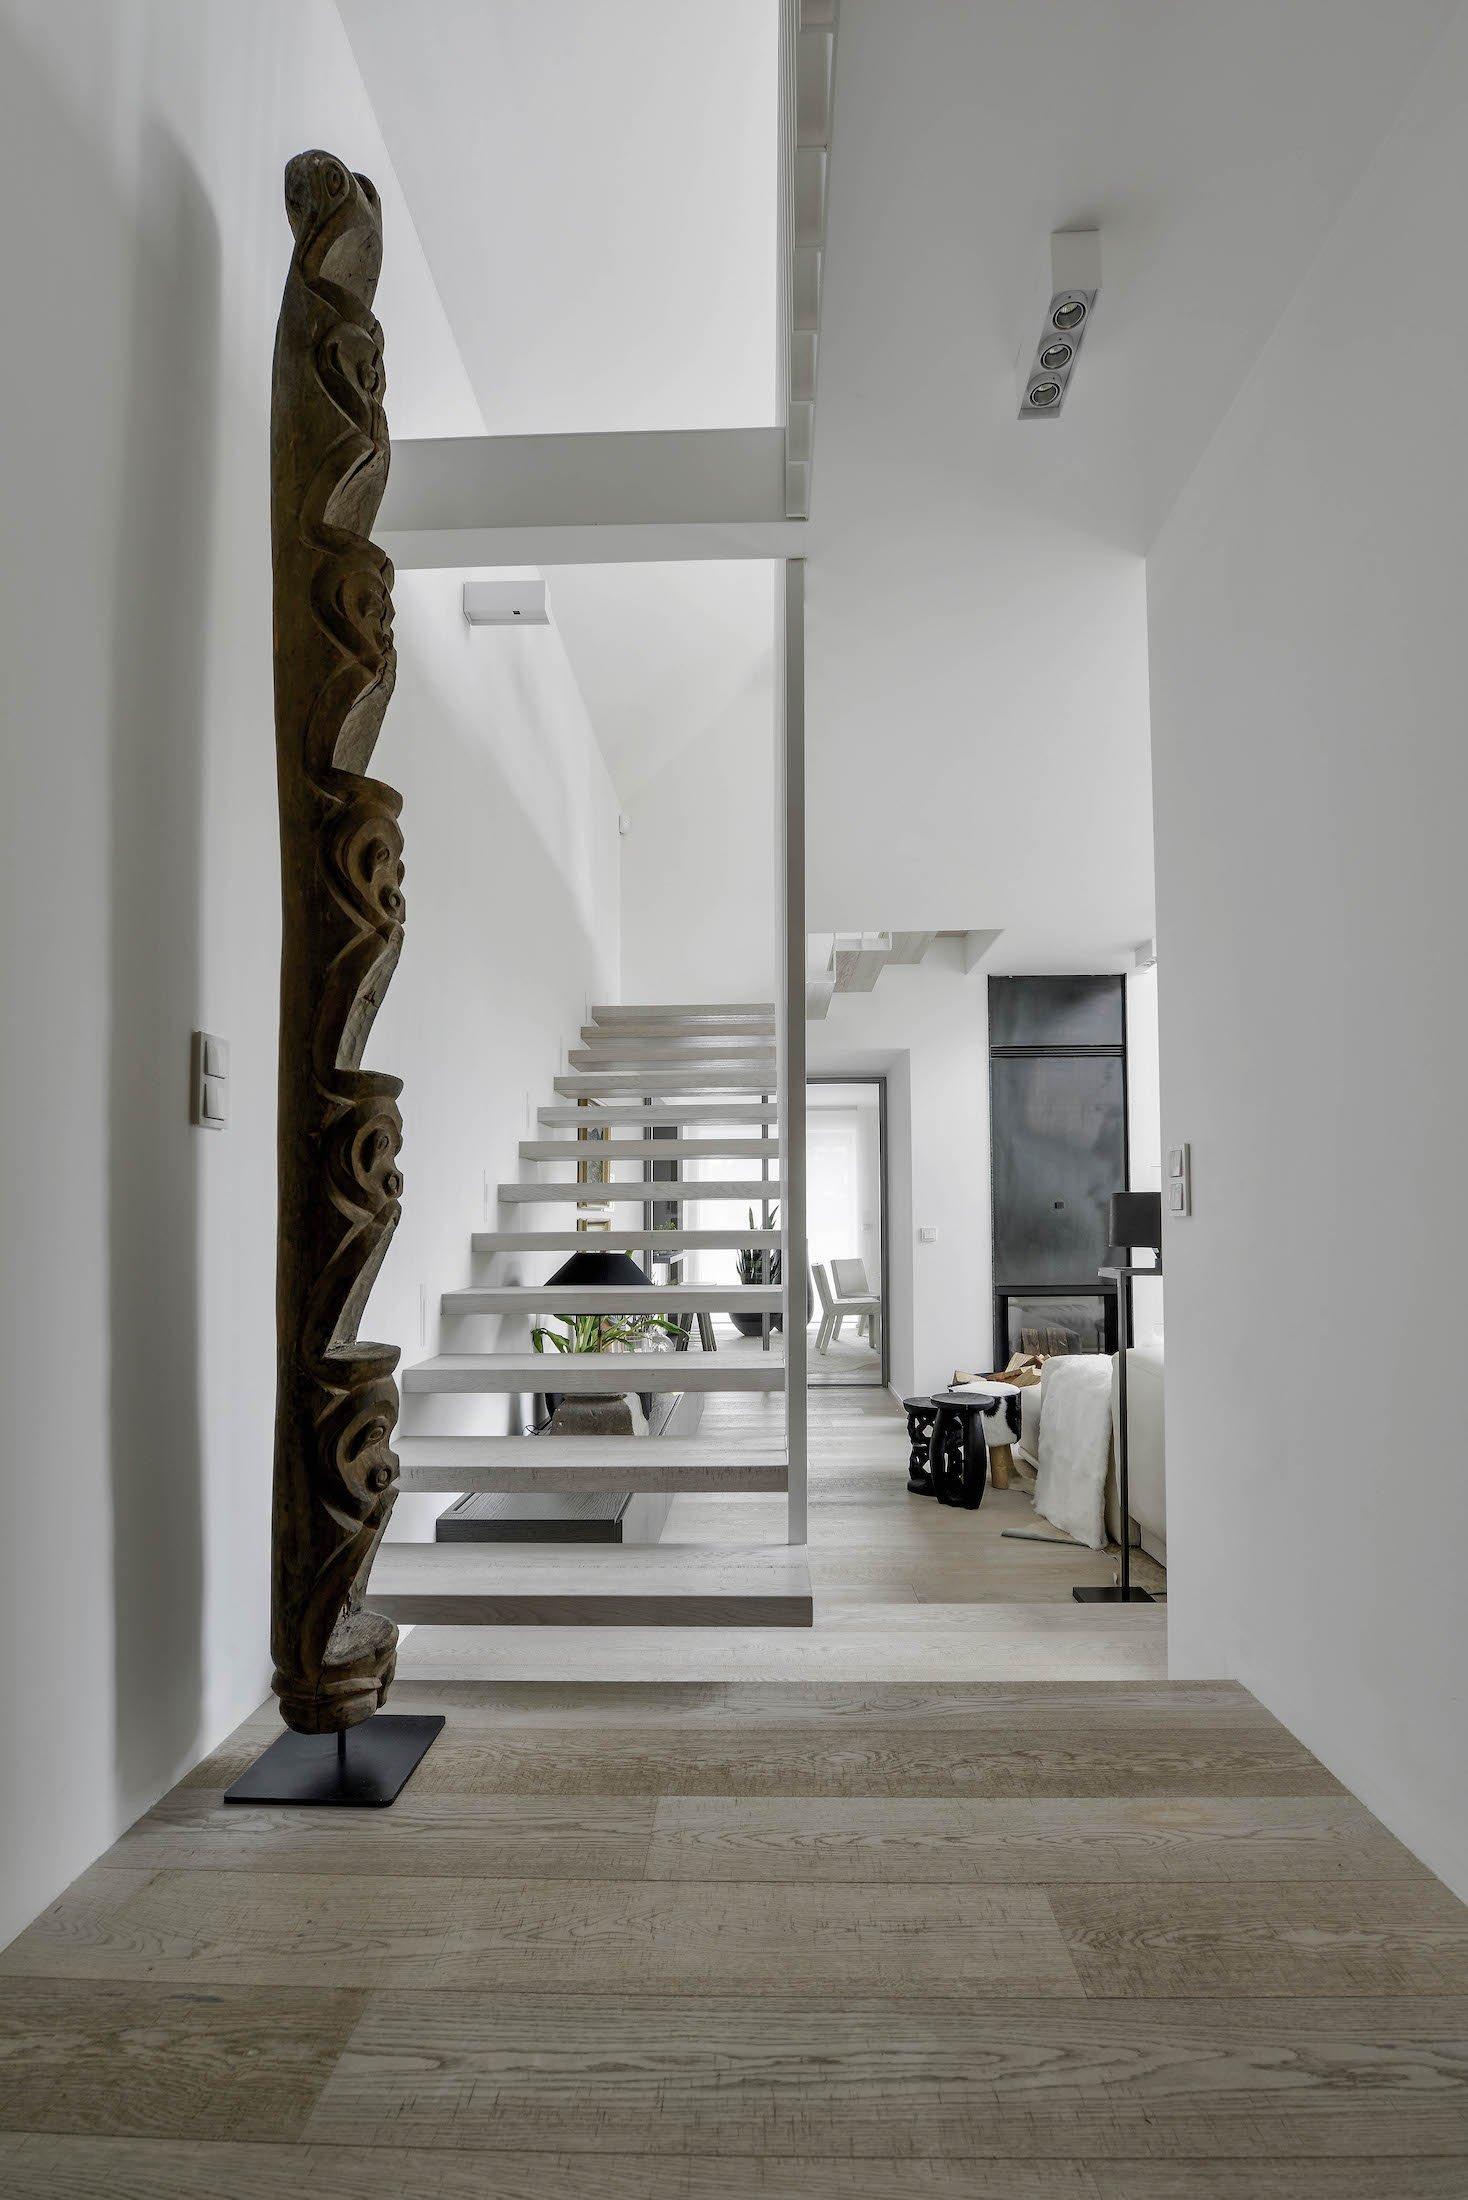 Interiér tohoto domu působí nesmírně přívětivým, až terapeutickým dojmem. Jakmile vstoupíte, rozhostí se ve vás klid. Je prostoupený svěžím duchem a energií…